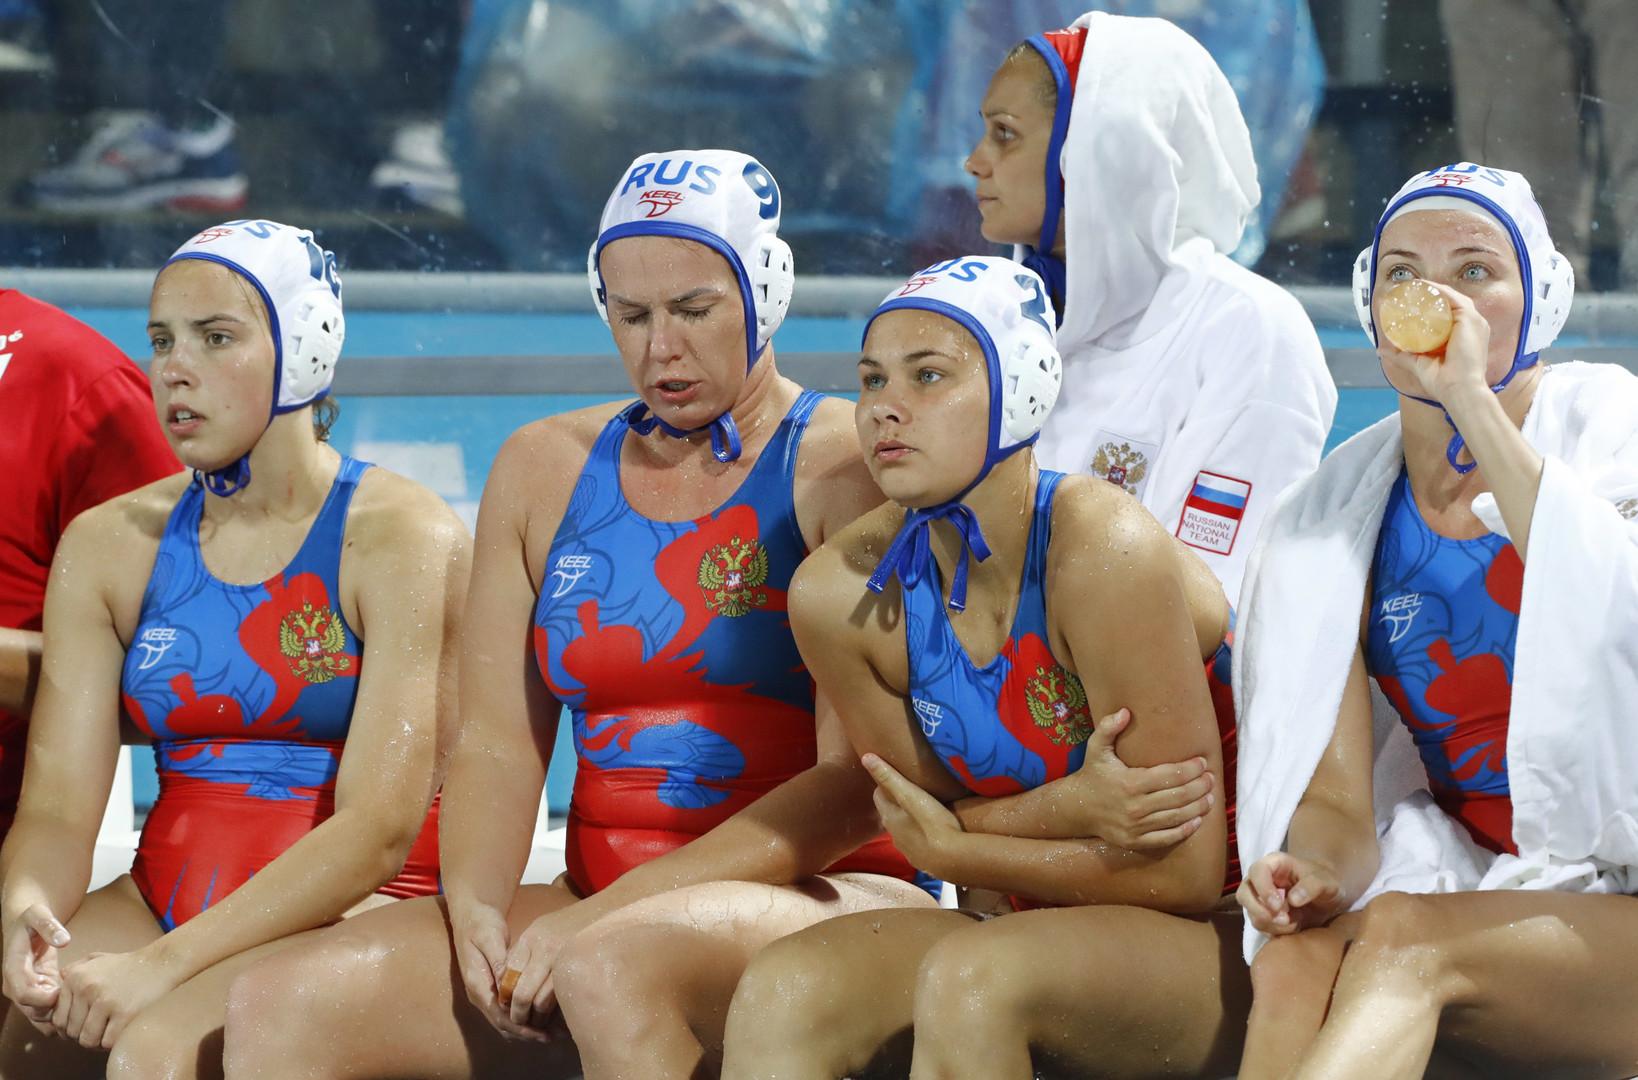 Уплывшая мечта: женская сборная России проиграла США и не смогла выйти в финал ЧМ по водному поло